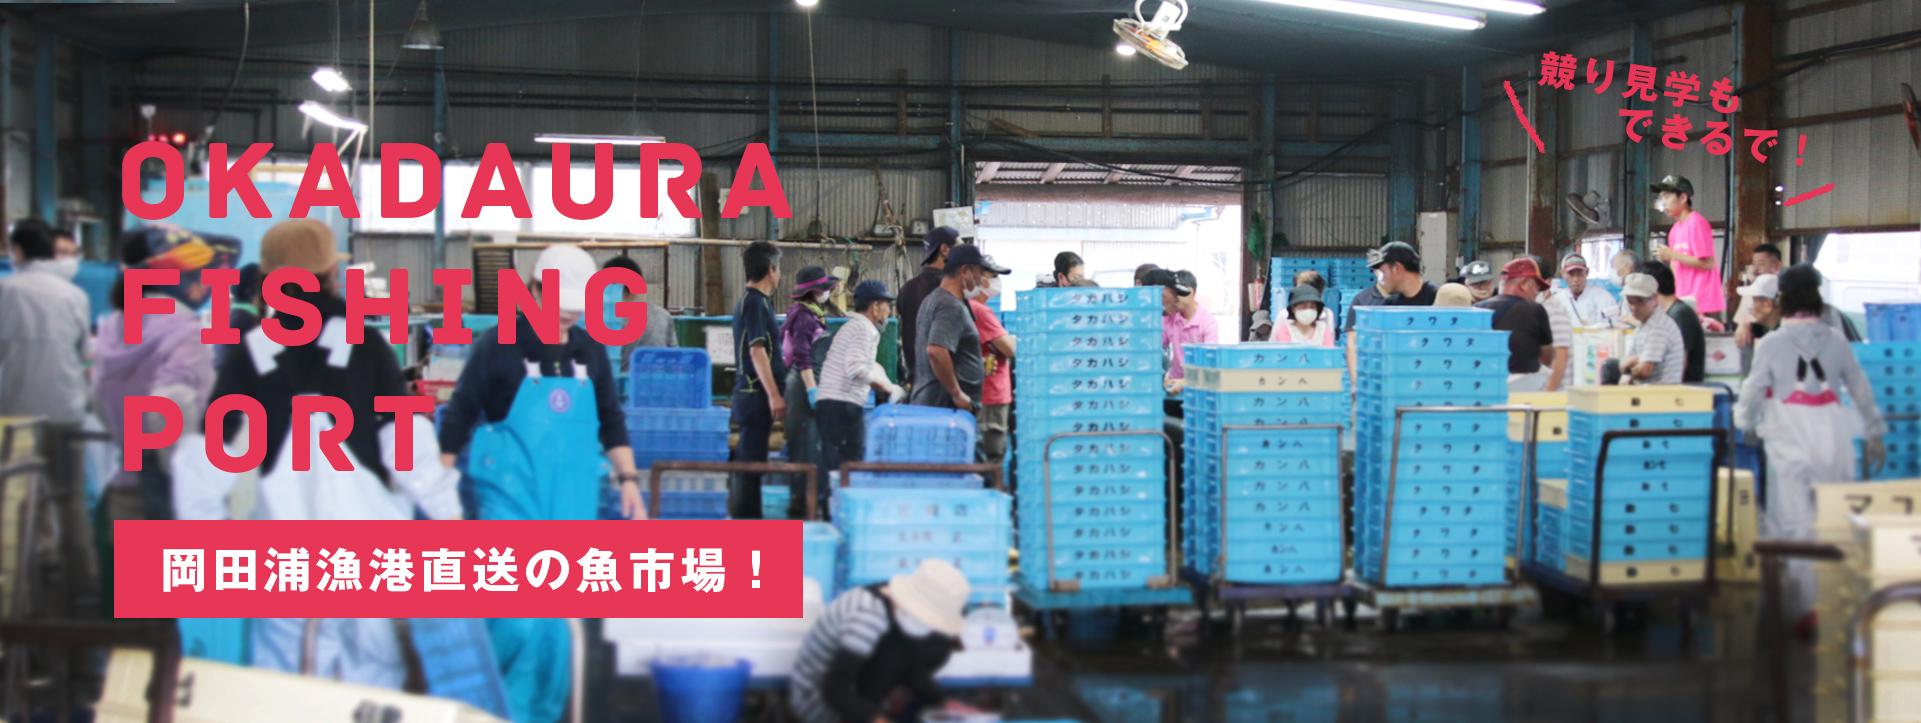 岡田浦漁港の新鮮な海の幸が買える魚市場